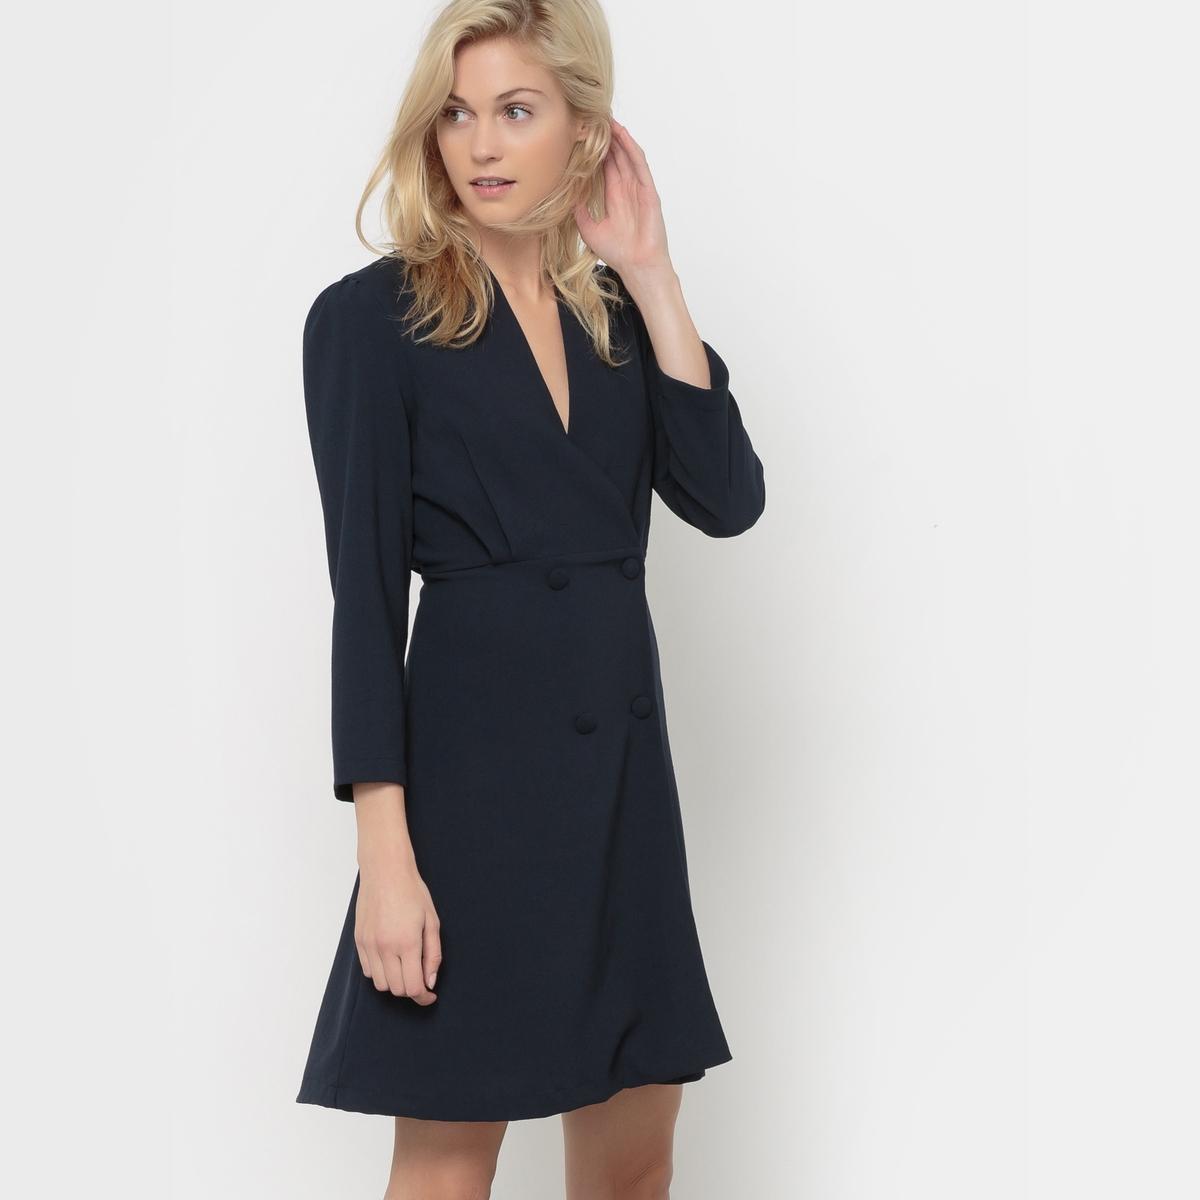 Платье с запахом с длинными рукавамиПлатье с запахом VERO MODA. V-образный вырез. Длинные рукава. Пуговицы на поясе. Вытачки на поясе. Юбка расклешенная.          Состав и описание     Материал        100% полиэстер     Марка        VERO MODA<br><br>Цвет: темно-синий,черный<br>Размер: S.S